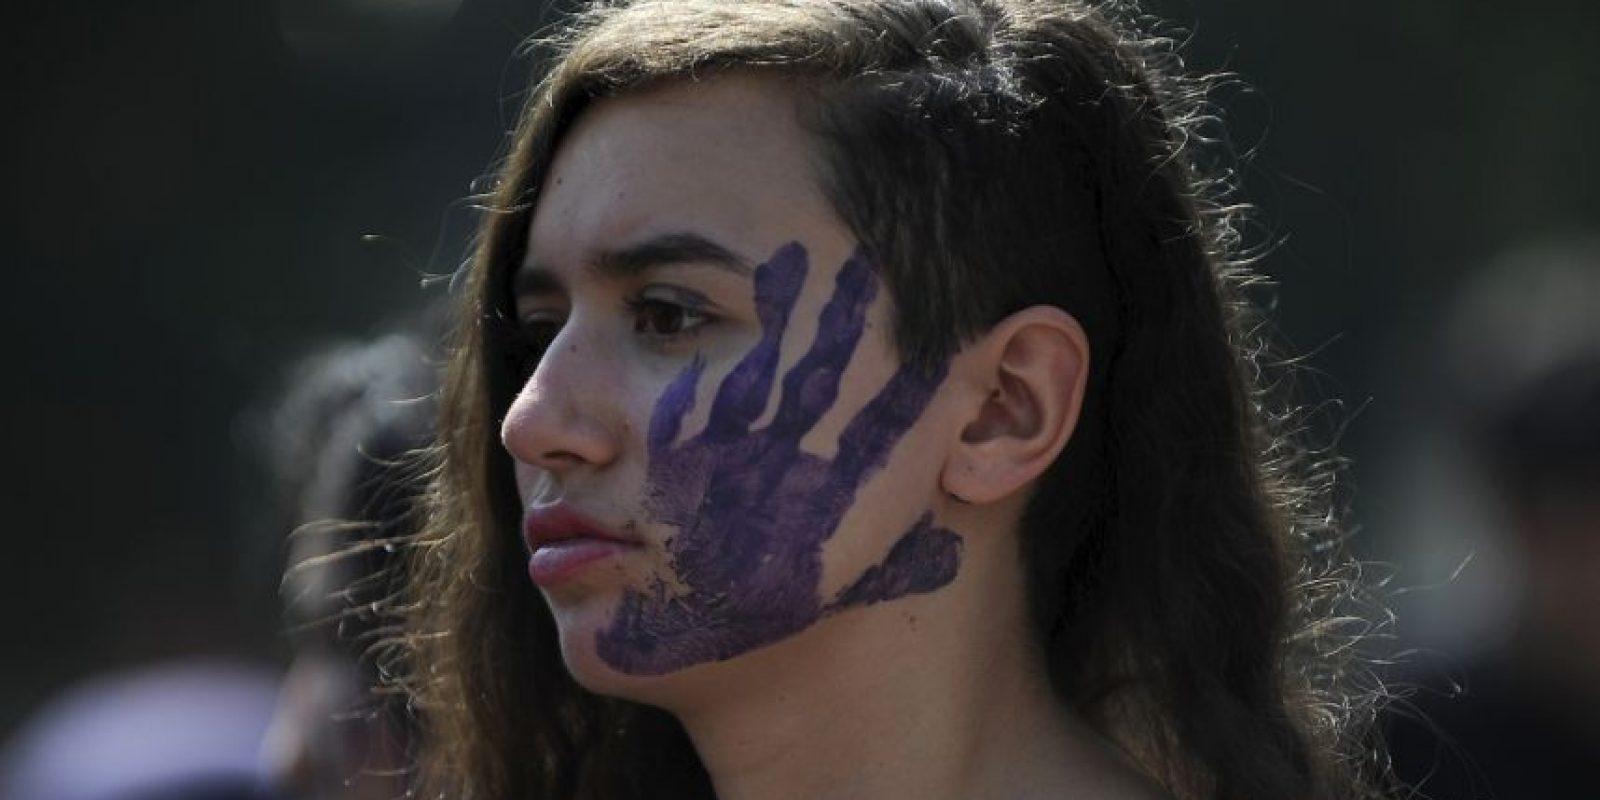 La manifestación #NiUnaMenos se vivió en varias ciudades de América Latina Foto:AFP